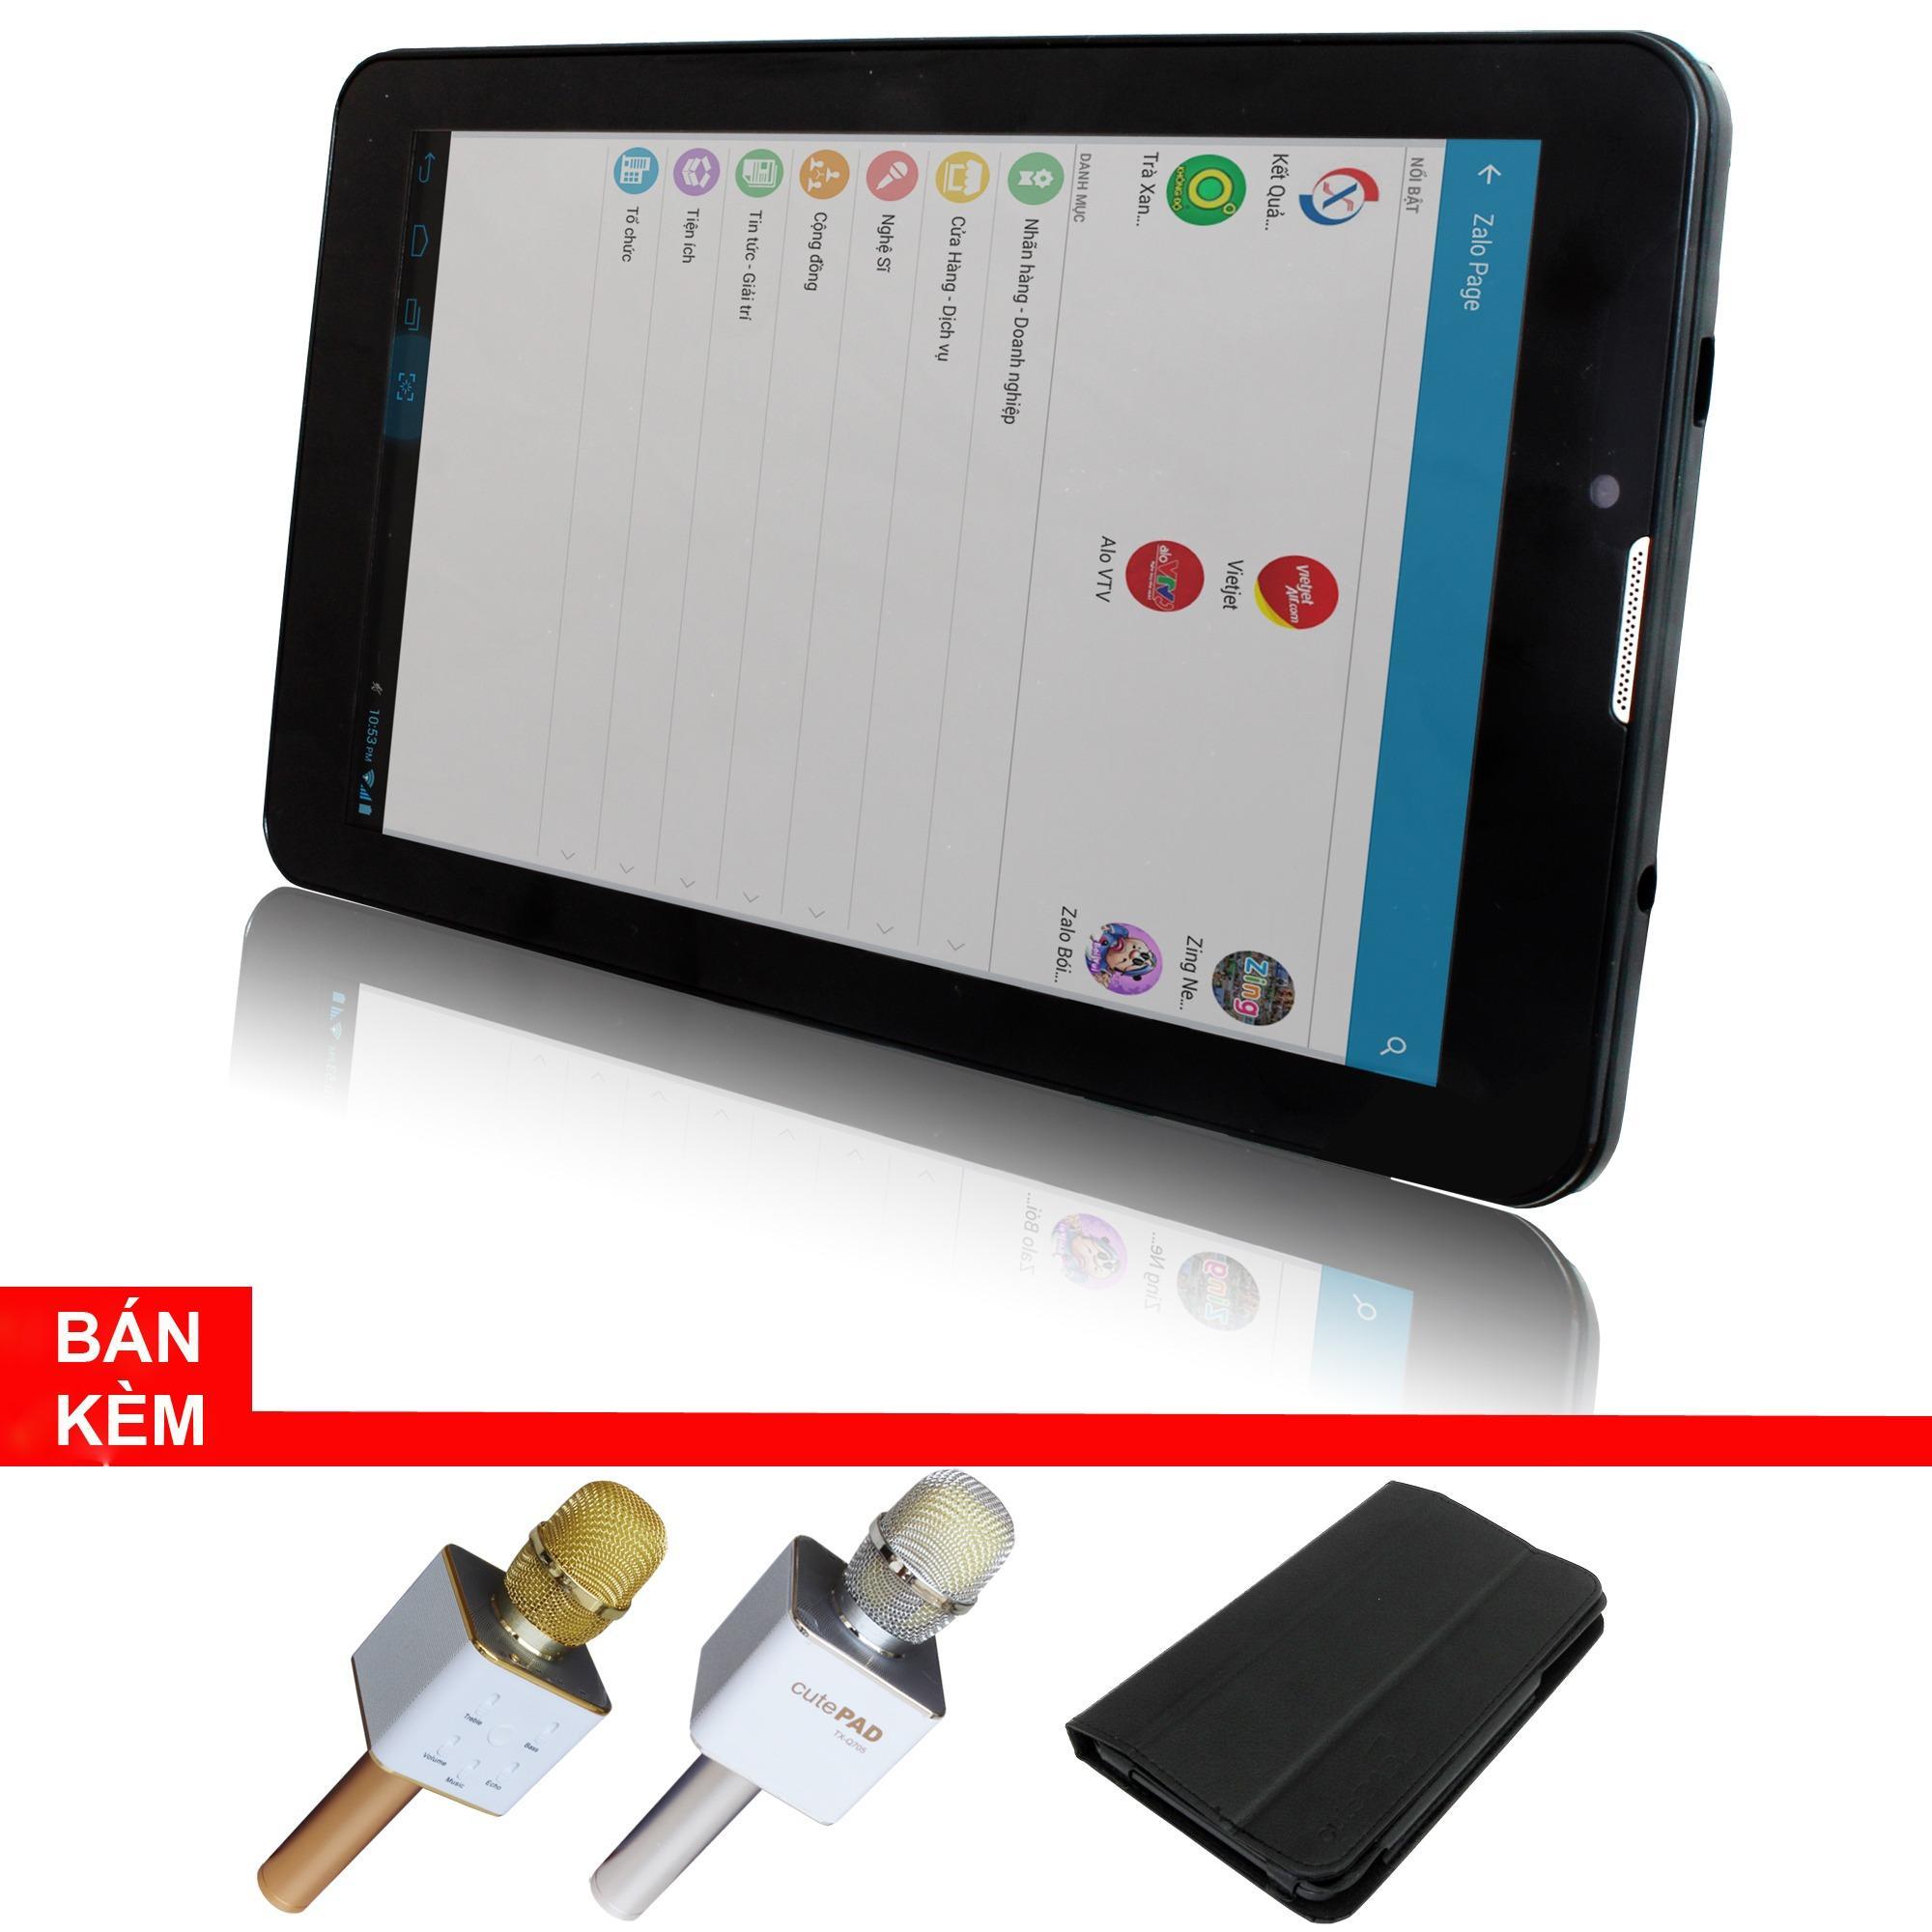 Máy tính bảng cutePad M7022 wifi/3G, 7